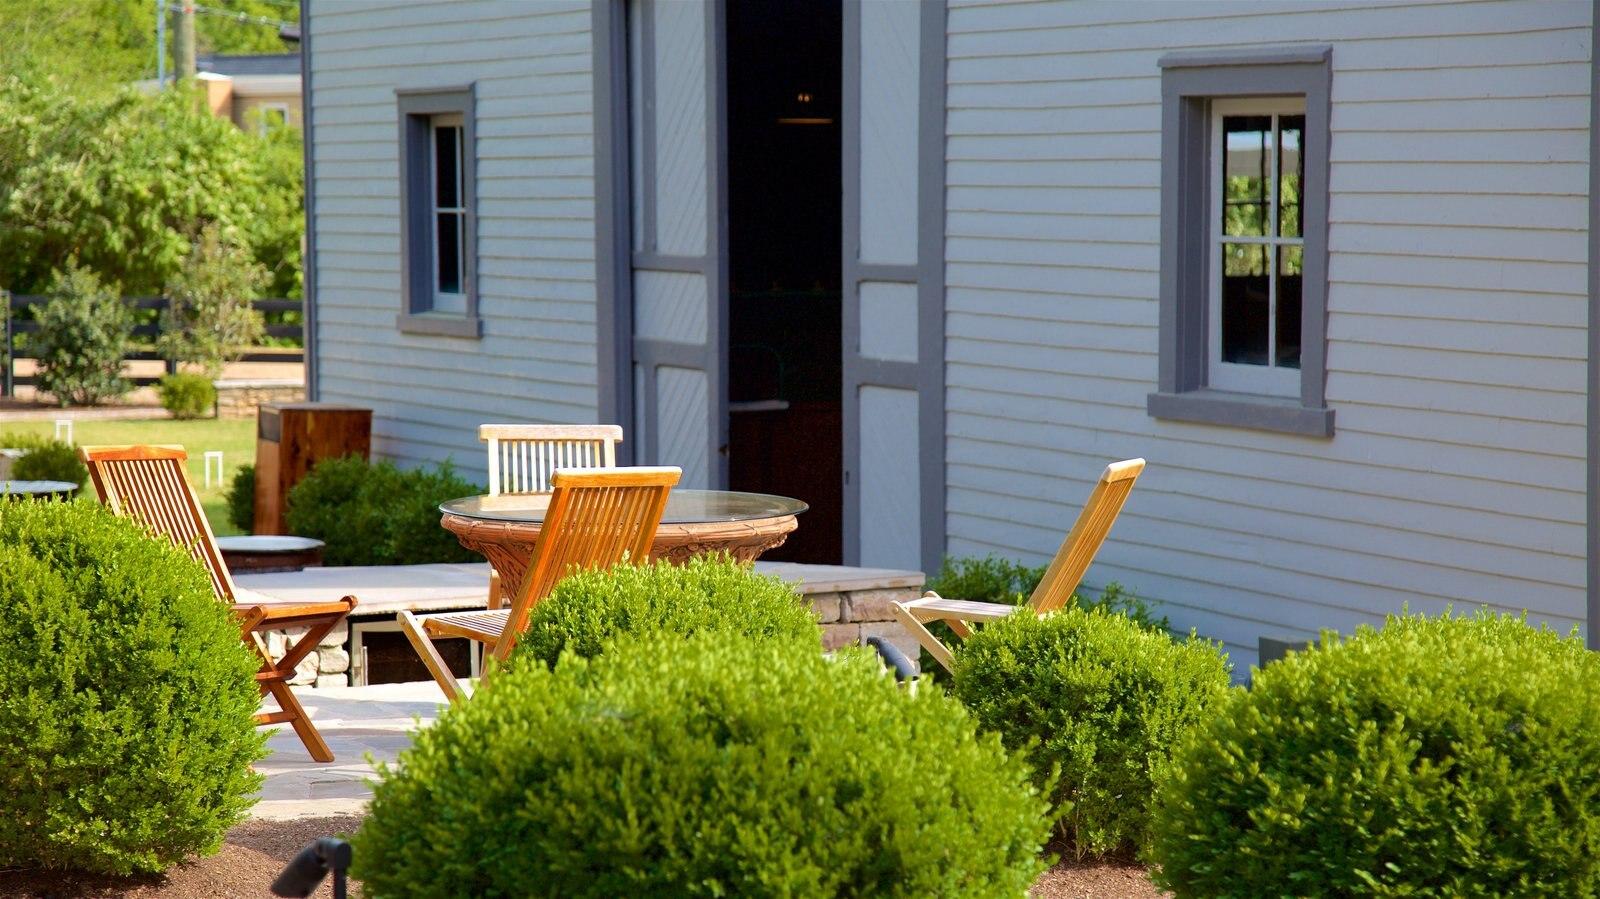 Belle Meade Plantation ofreciendo una casa